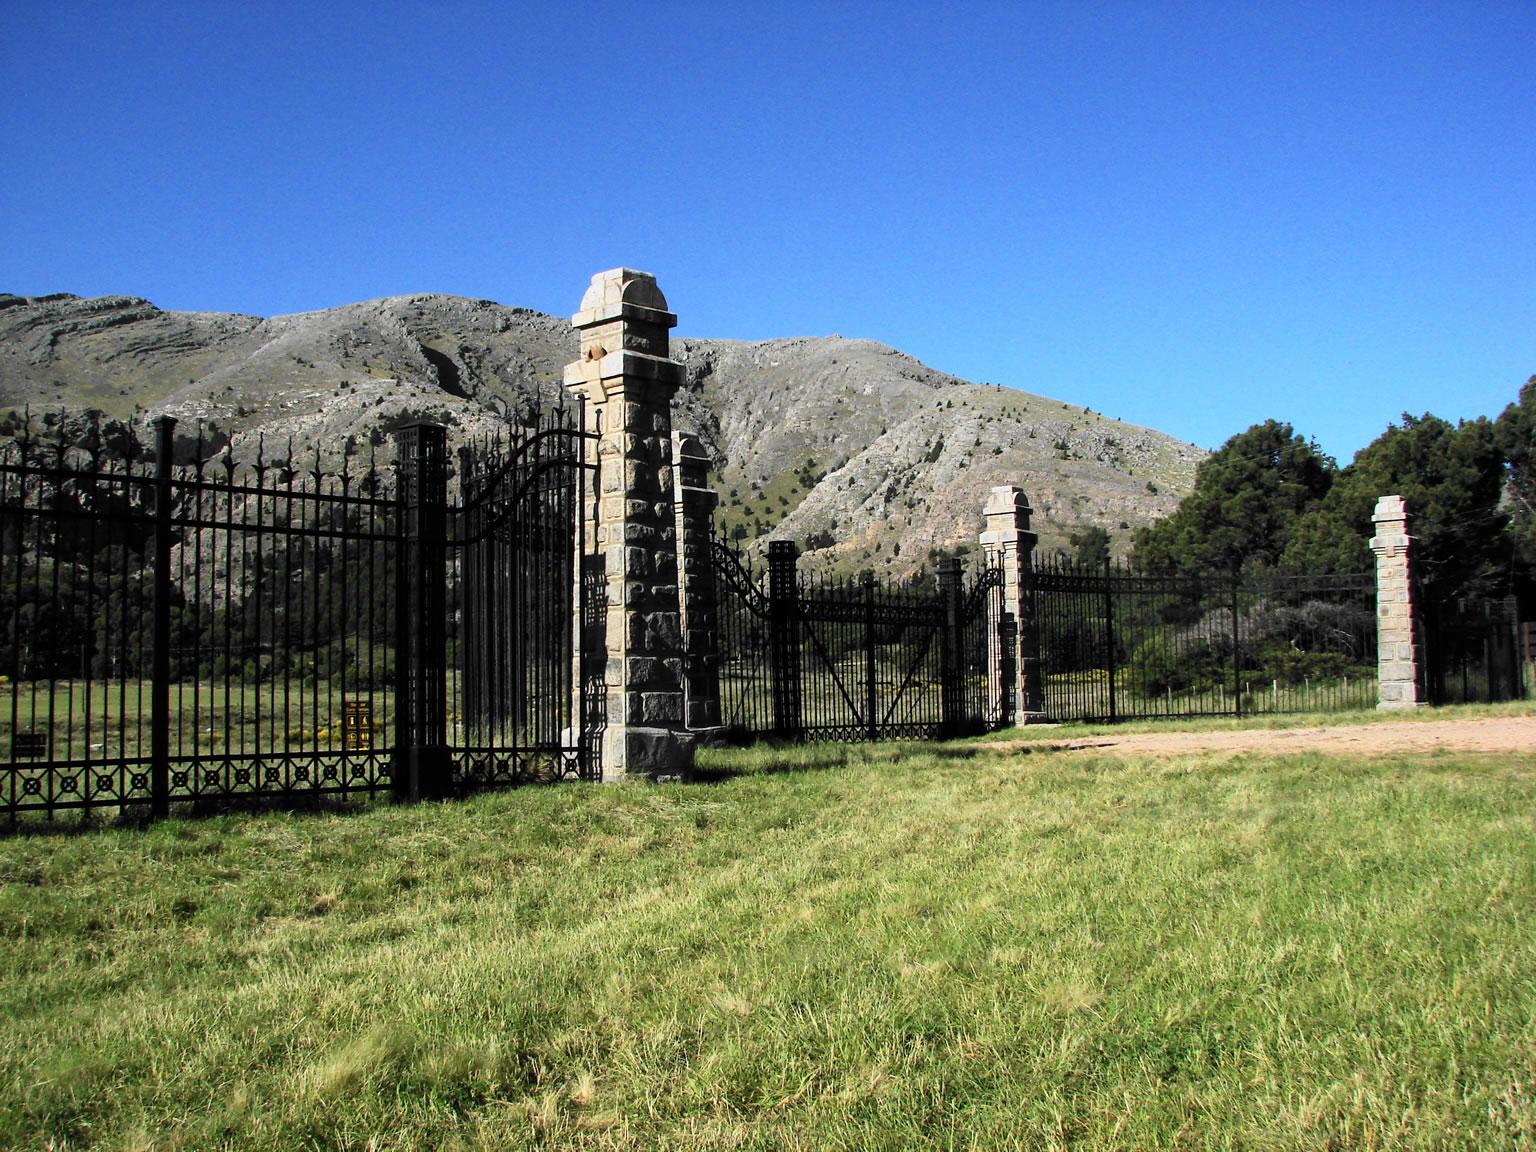 El Camping Campamento base del Cerro Ventana